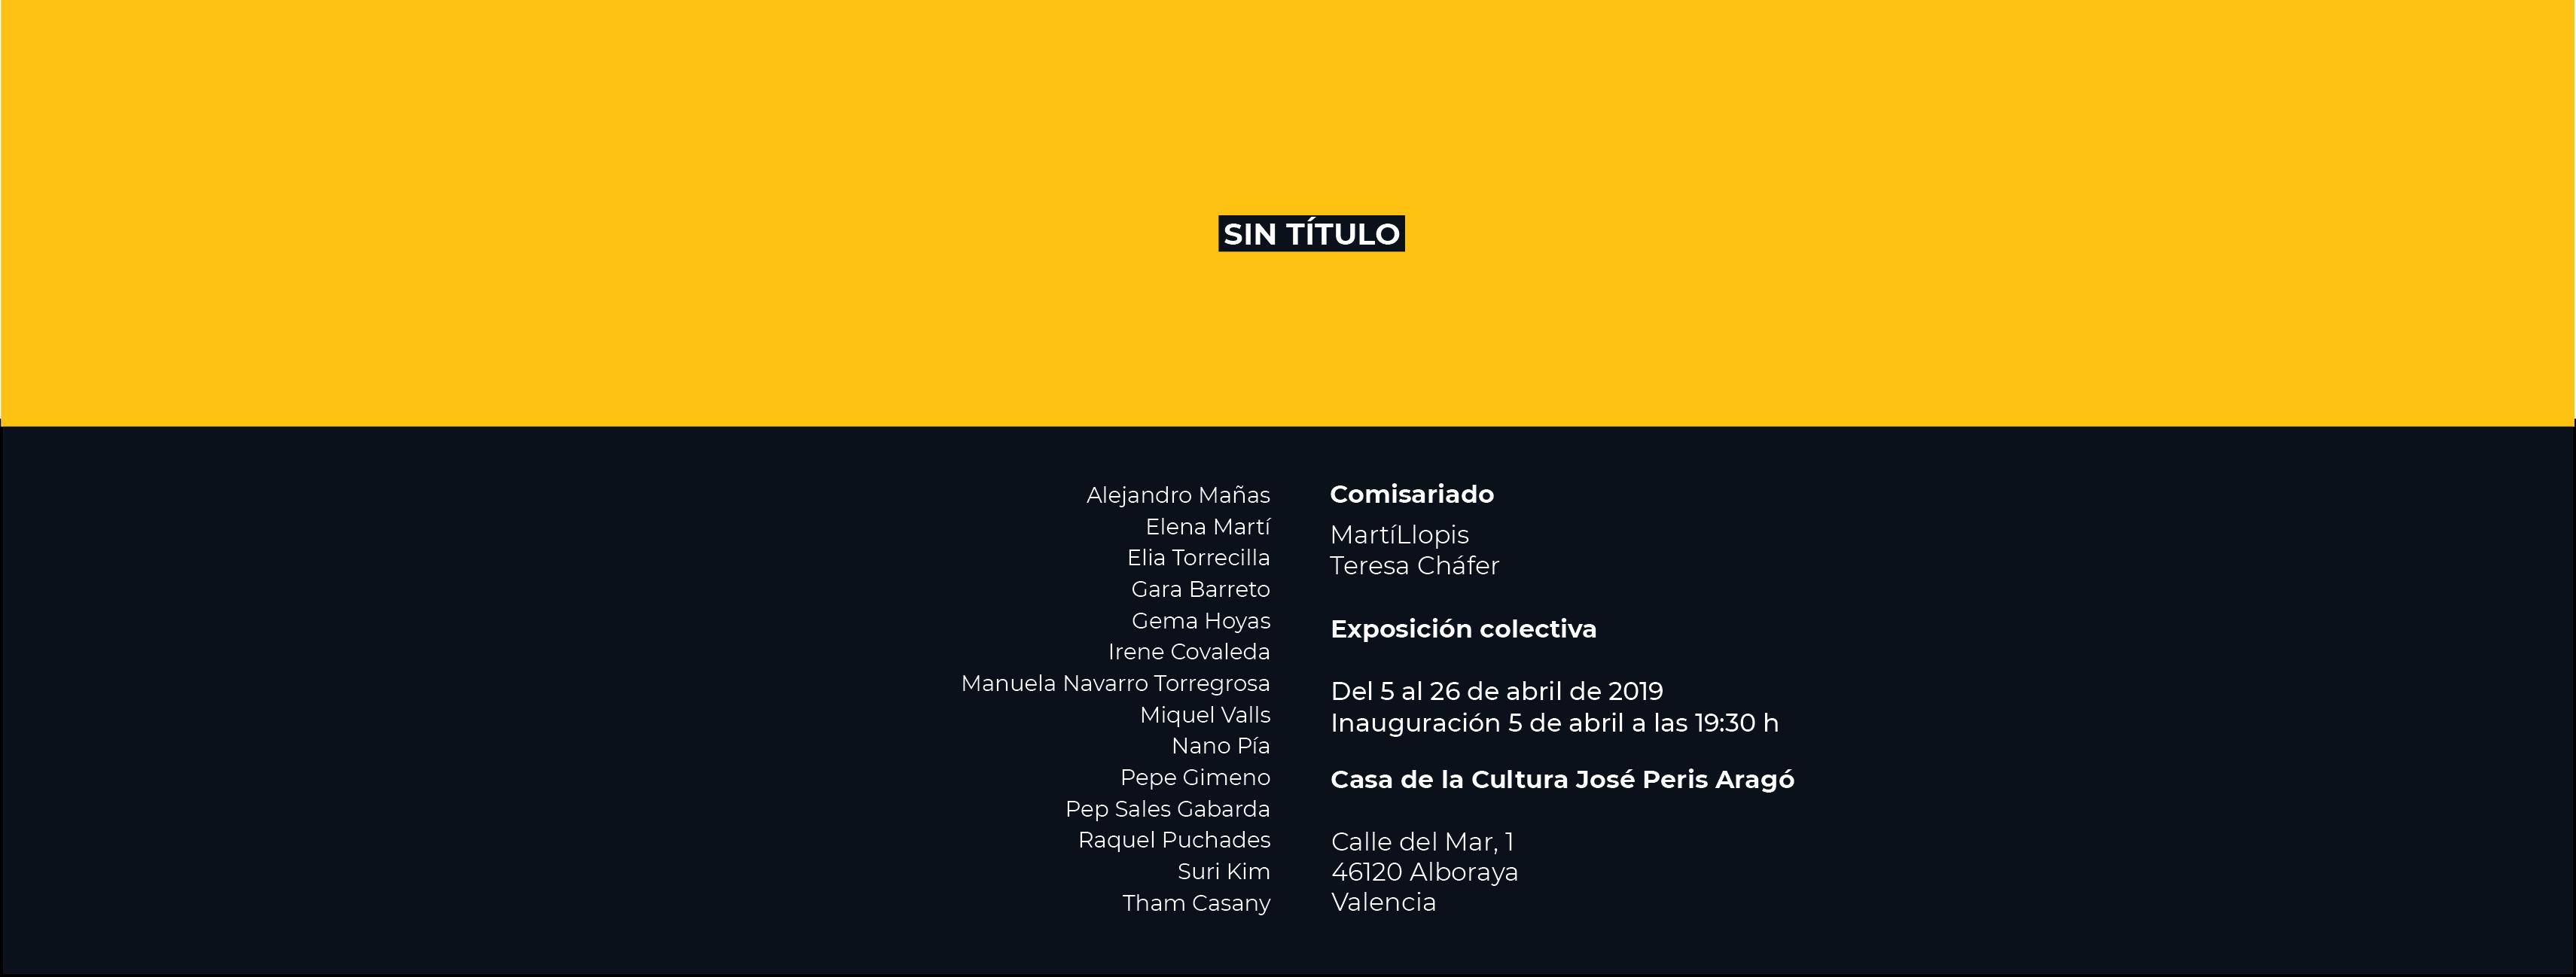 SIN TÍTULO. Exposicion colectiva